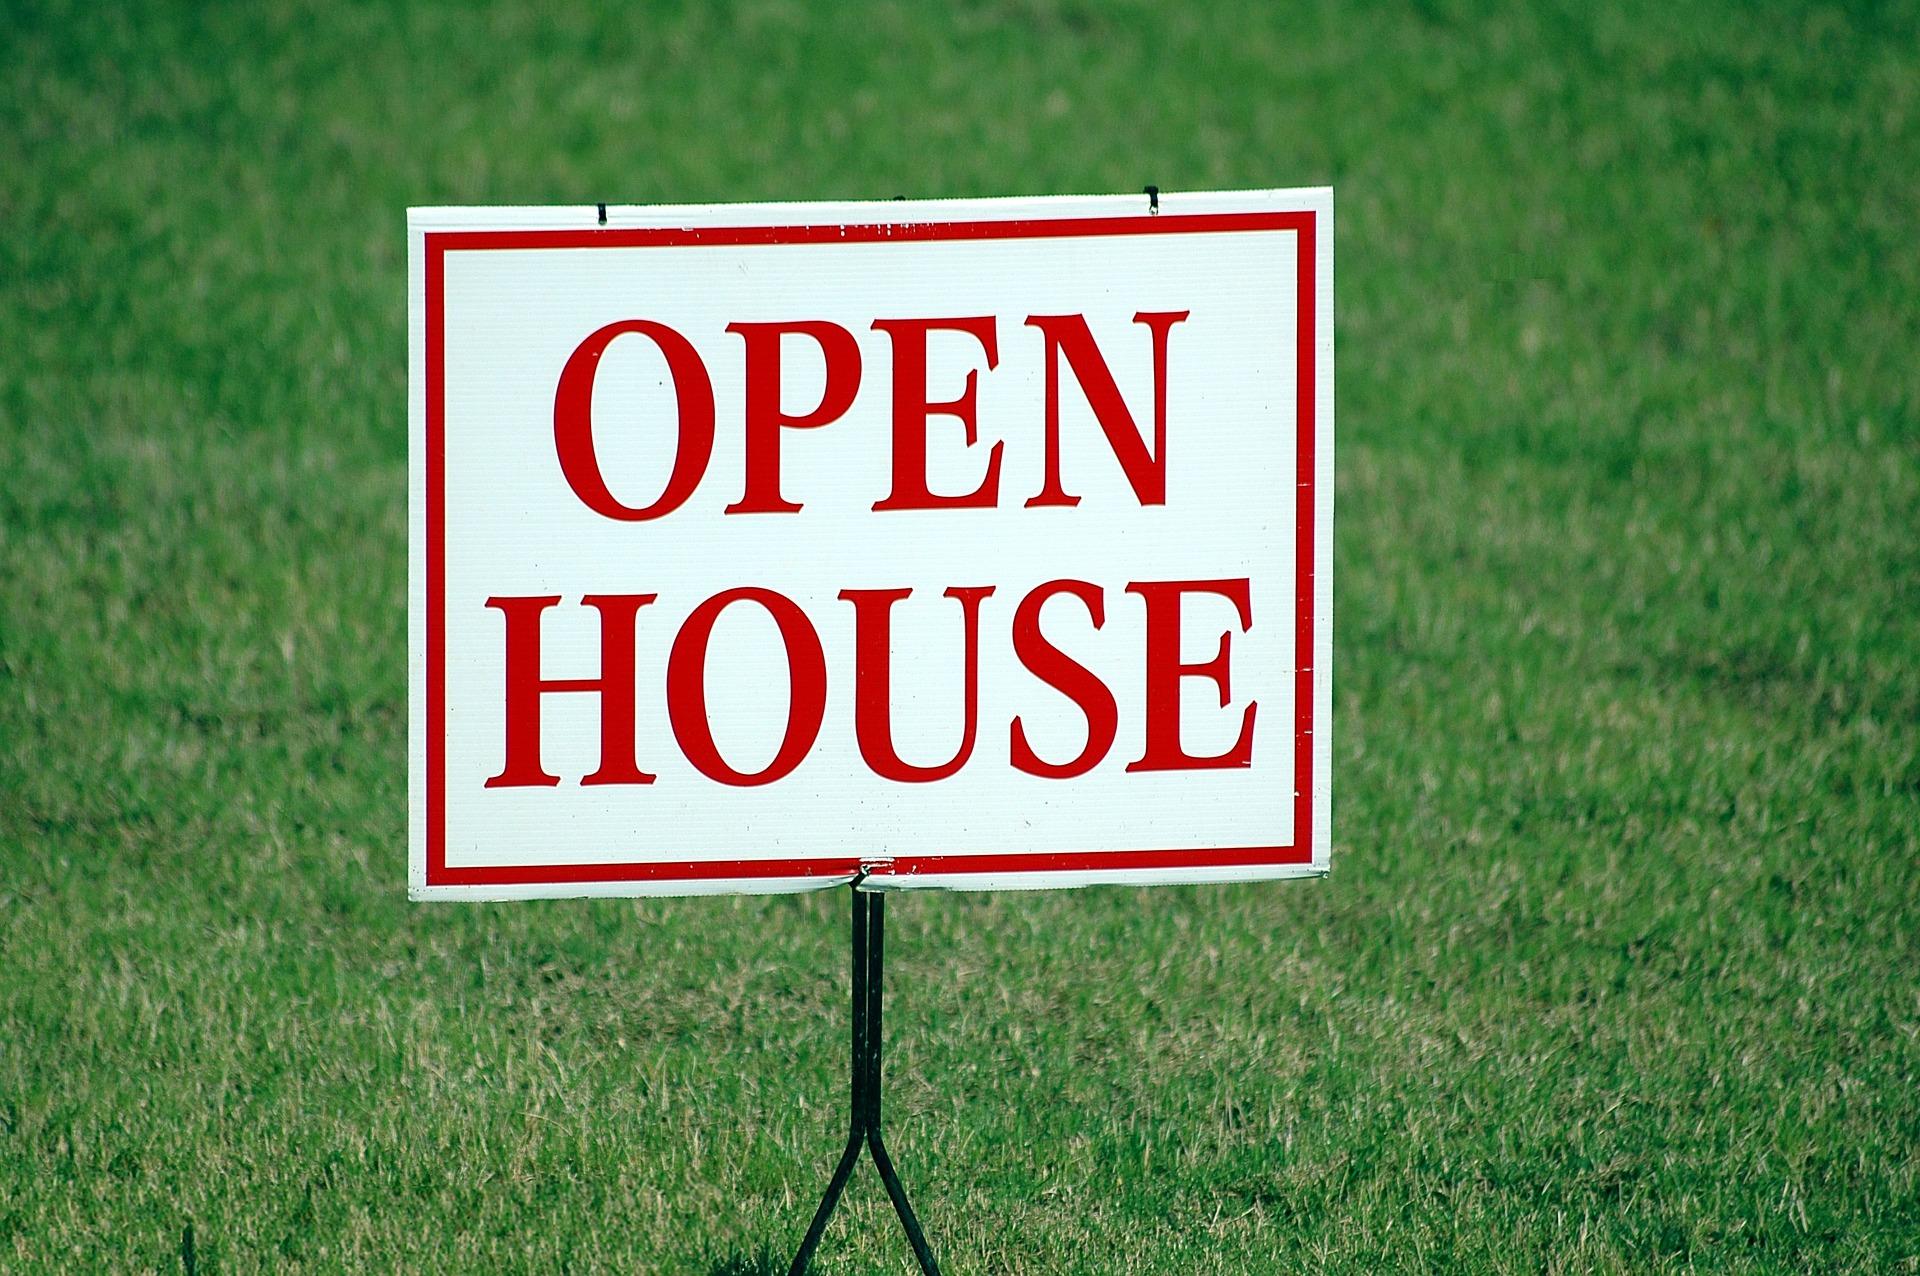 open-house-2328984_1920jpg